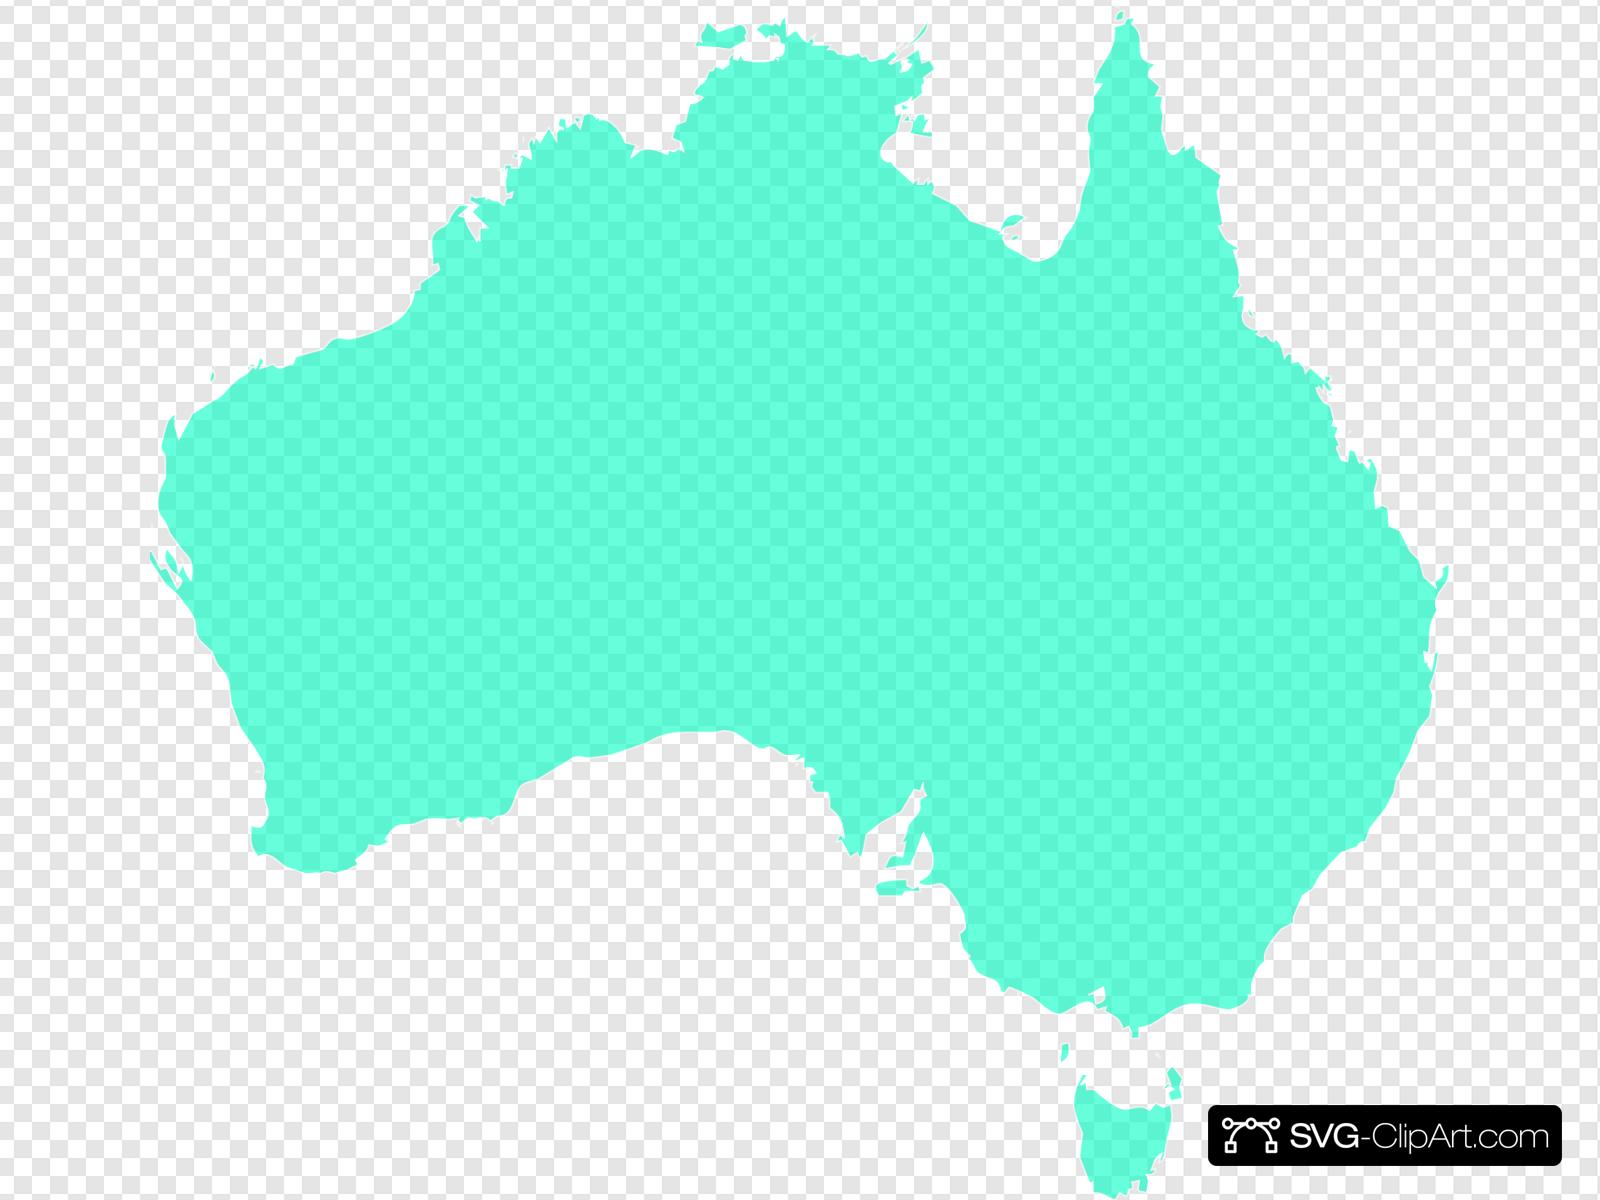 Australia Map Aqua 2 Clip art, Icon and SVG.